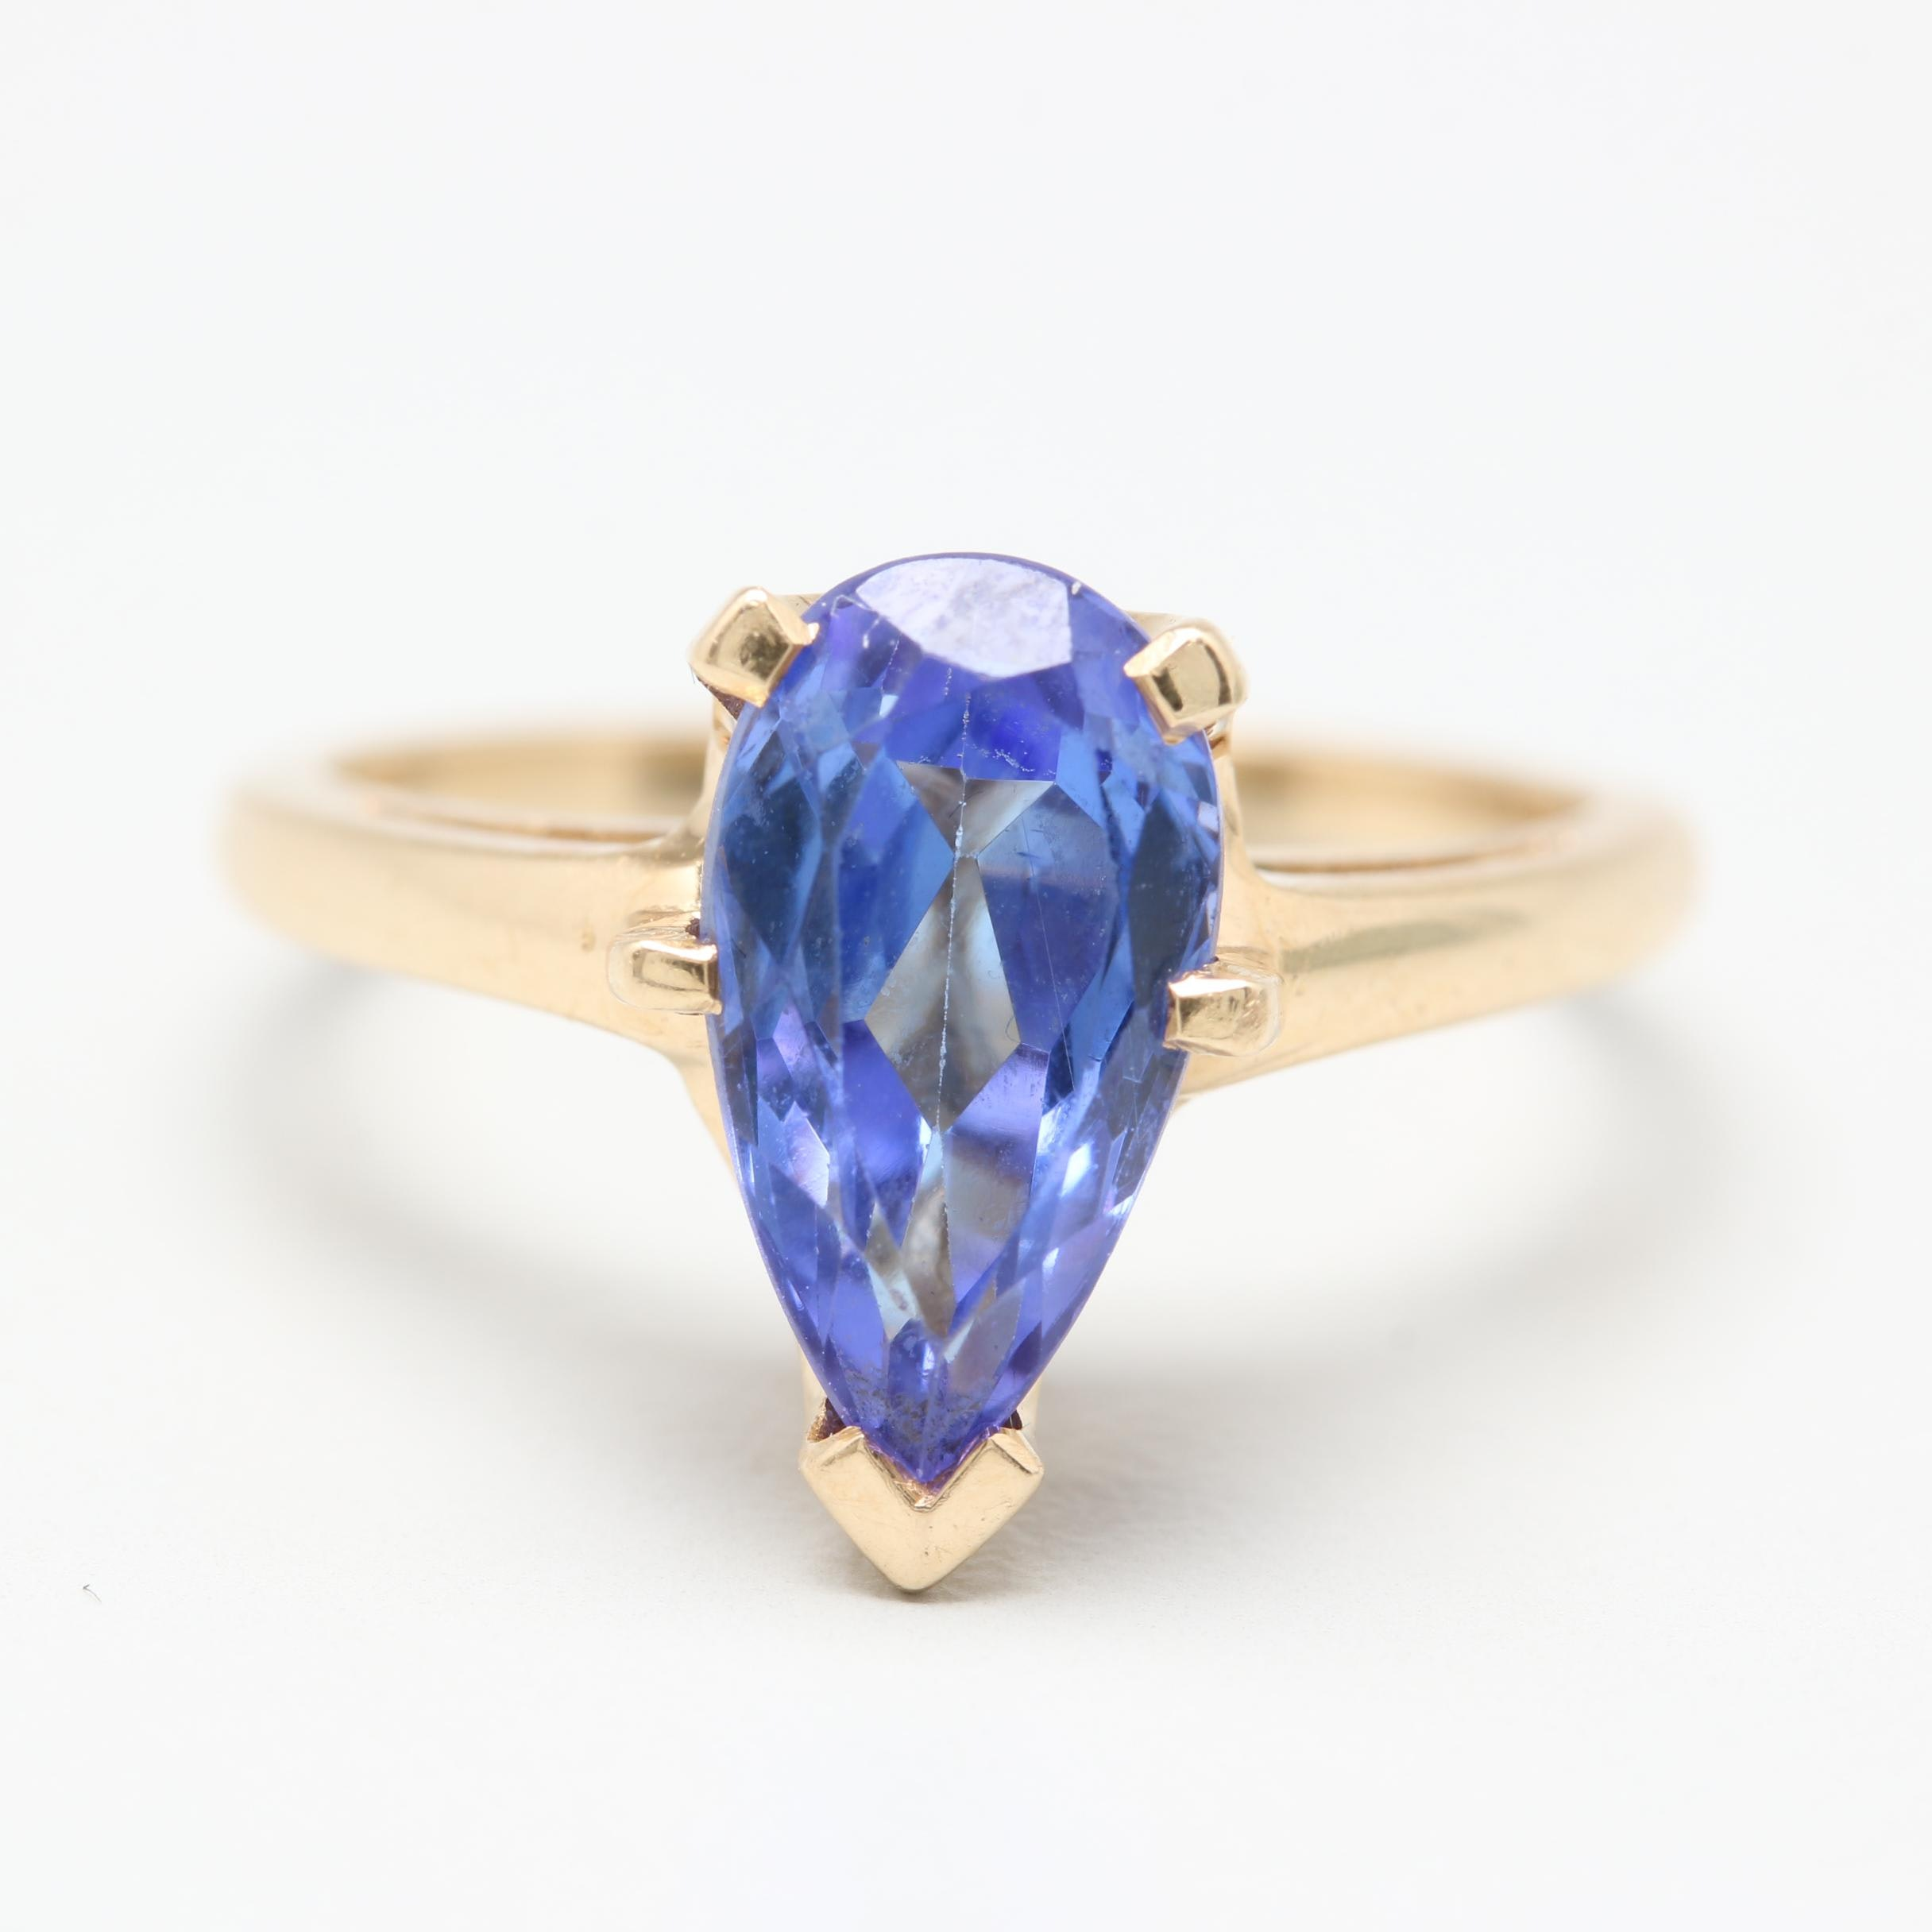 14K Yellow Gold Tanzanite Ring